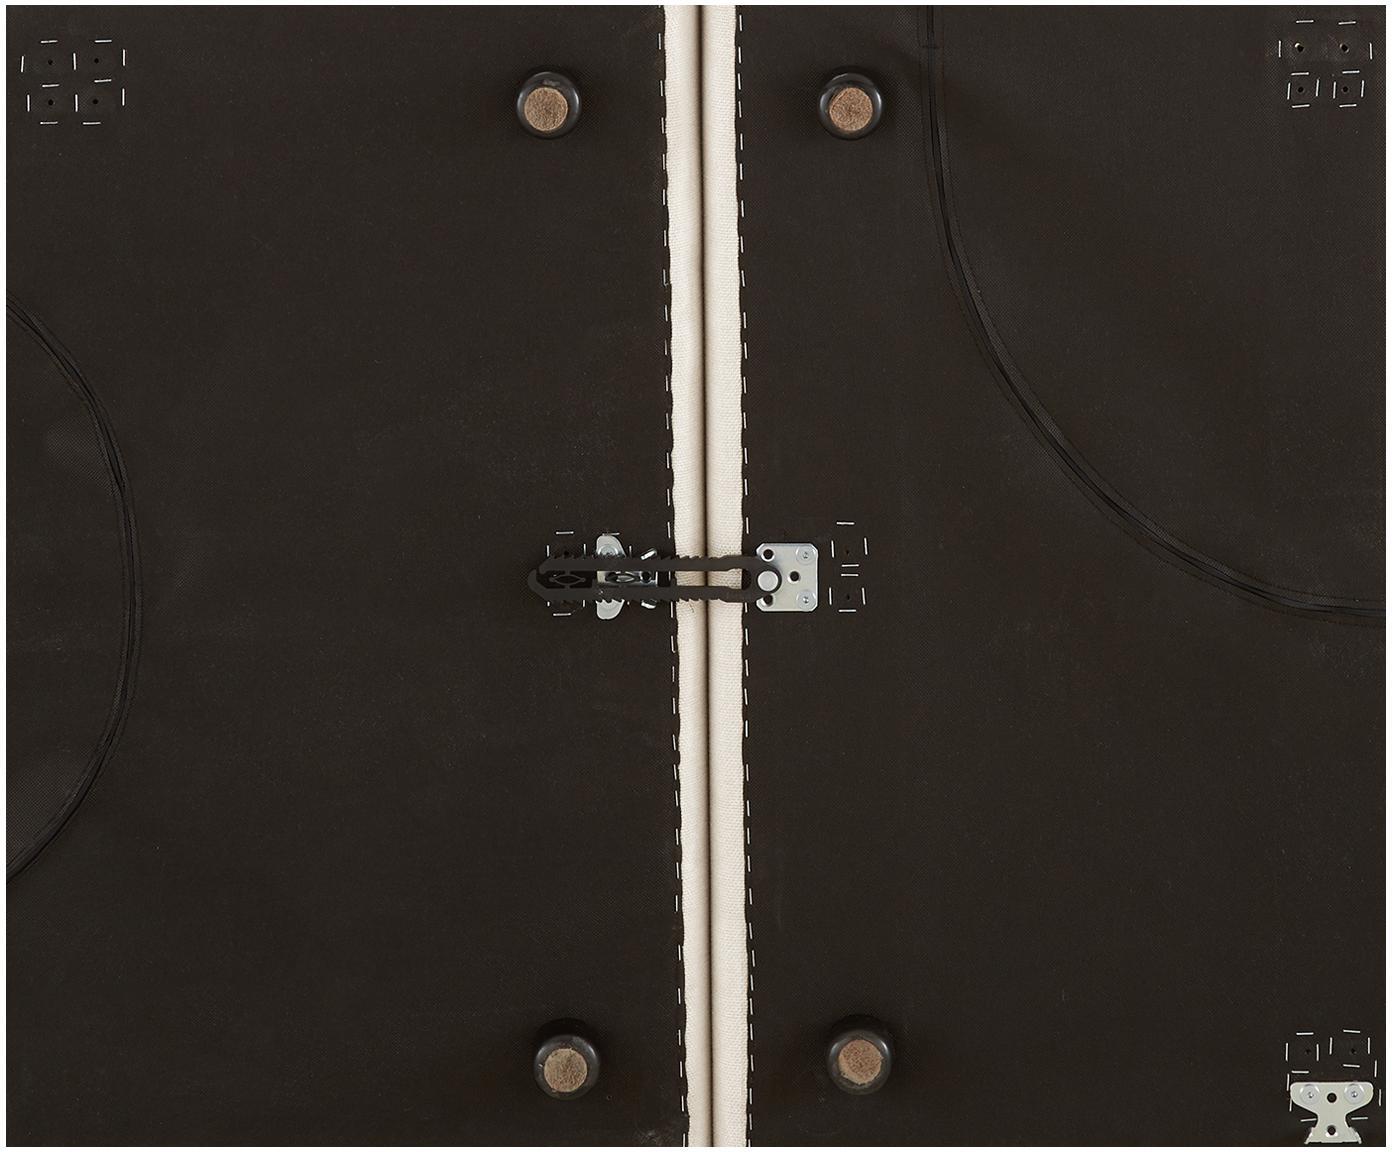 Szezlong modułowy Lennon, Tapicerka: 60% poliester, 40% wiskoz, Stelaż: lite drewno sosnowe, płyt, Nogi: tworzywo sztuczne, Beżowy, S 269 x G 119 cm